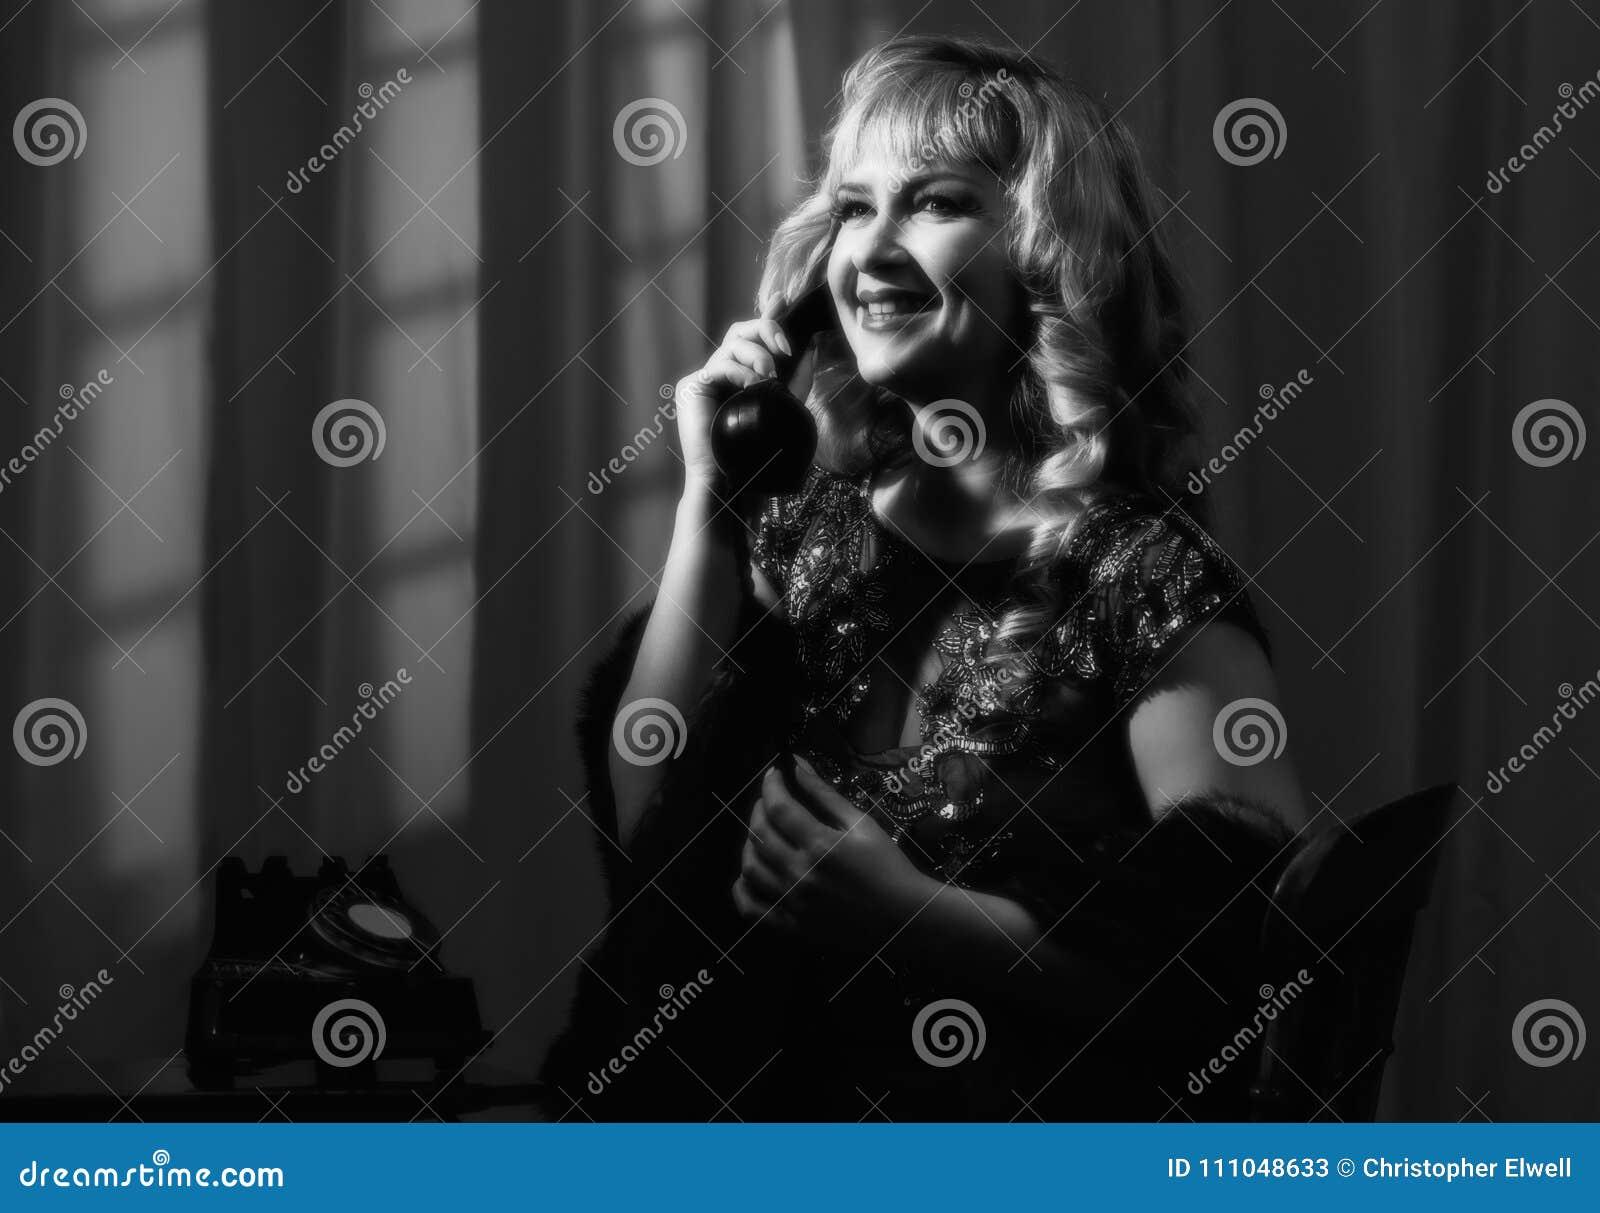 Noir kvinna för film